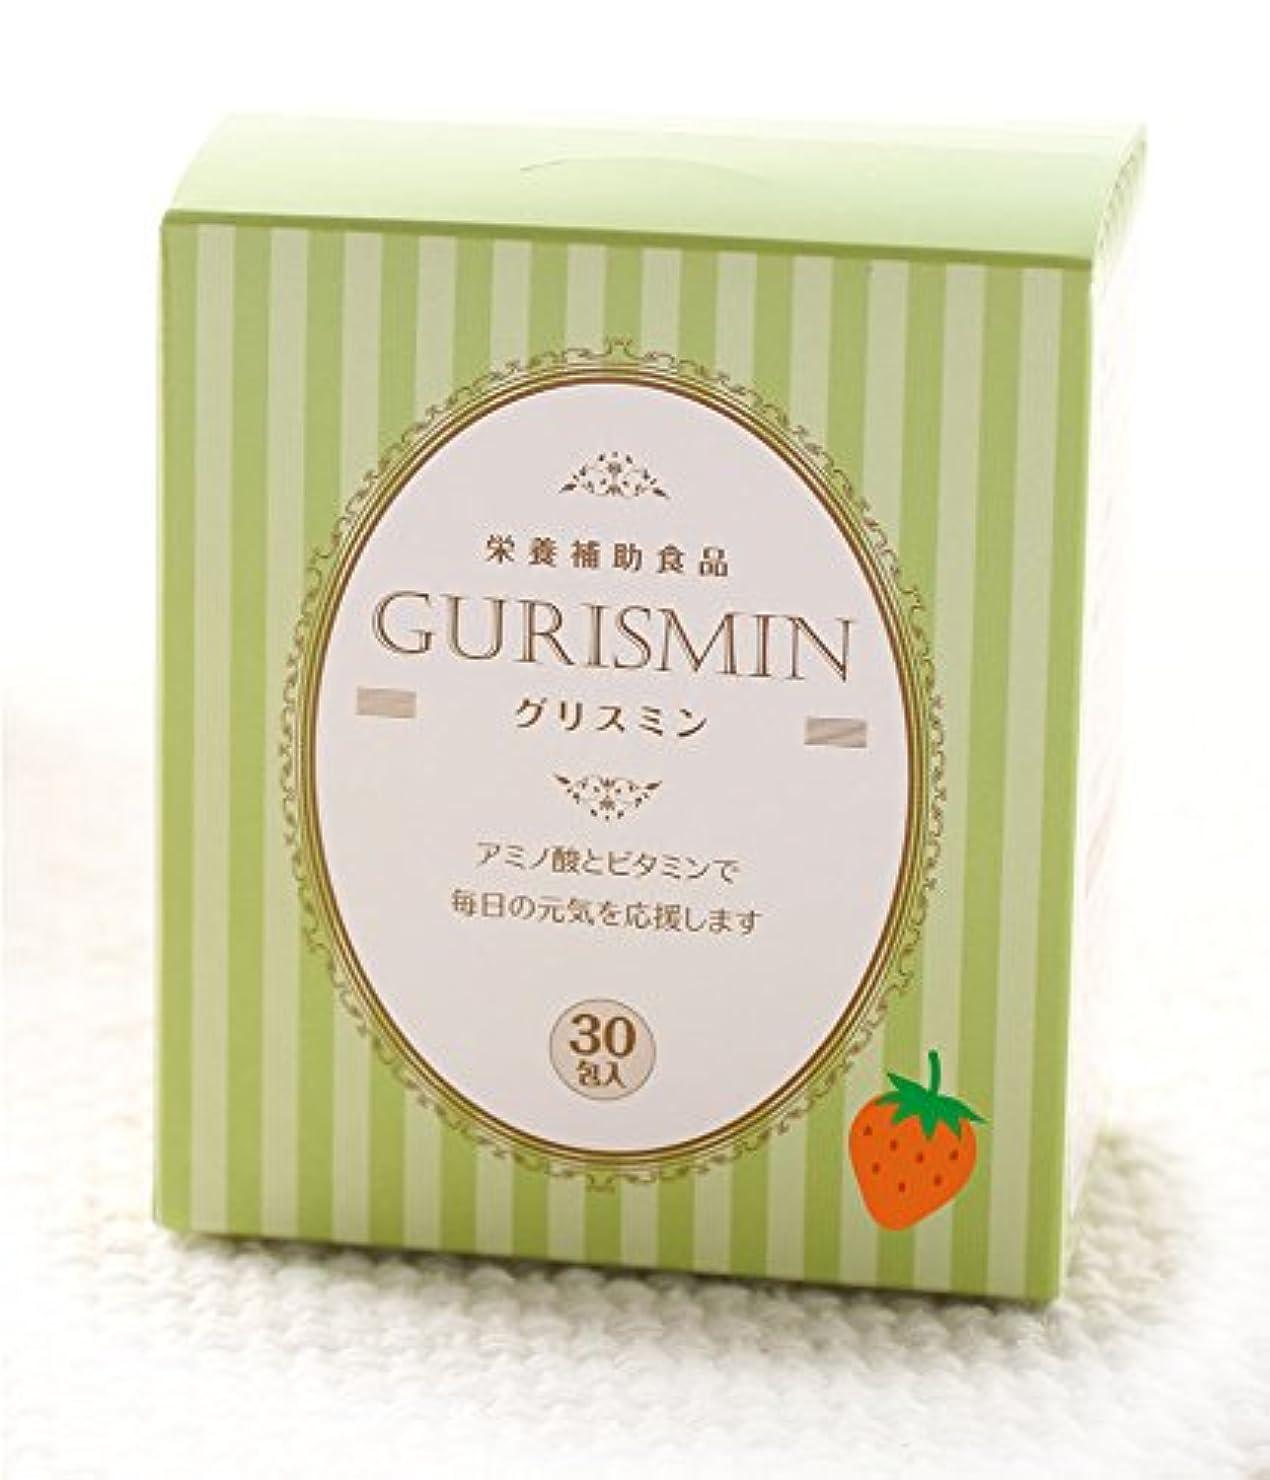 エゴマニア橋脚臭い太陽堂製薬 グリスミン グリシン3000mg×30回分(いちごヨーグルト)栄養機能食品